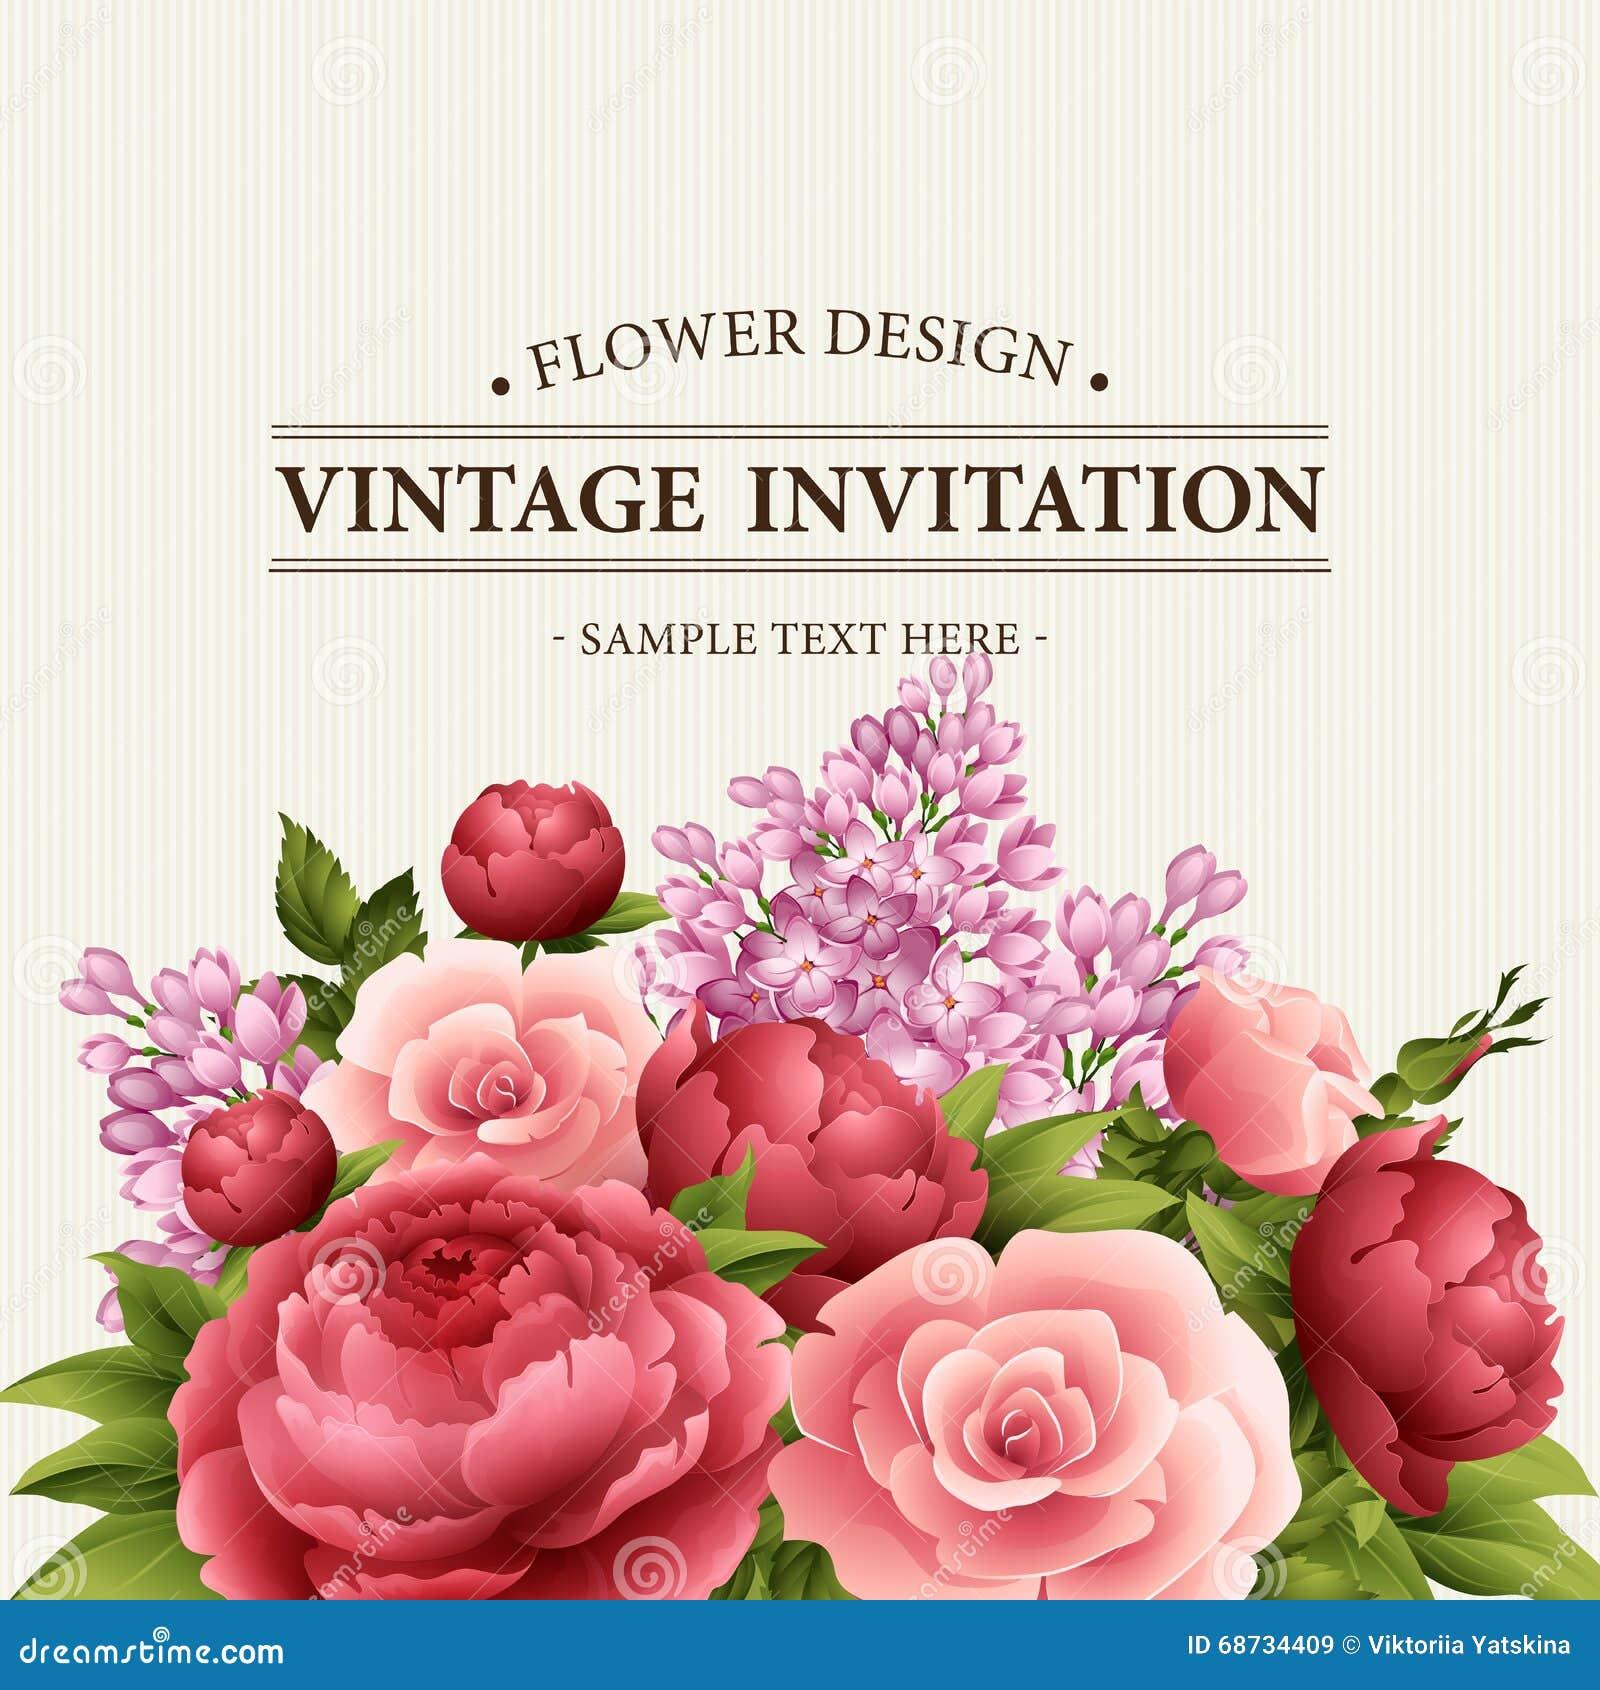 Invitation Card Borders for amazing invitation ideas